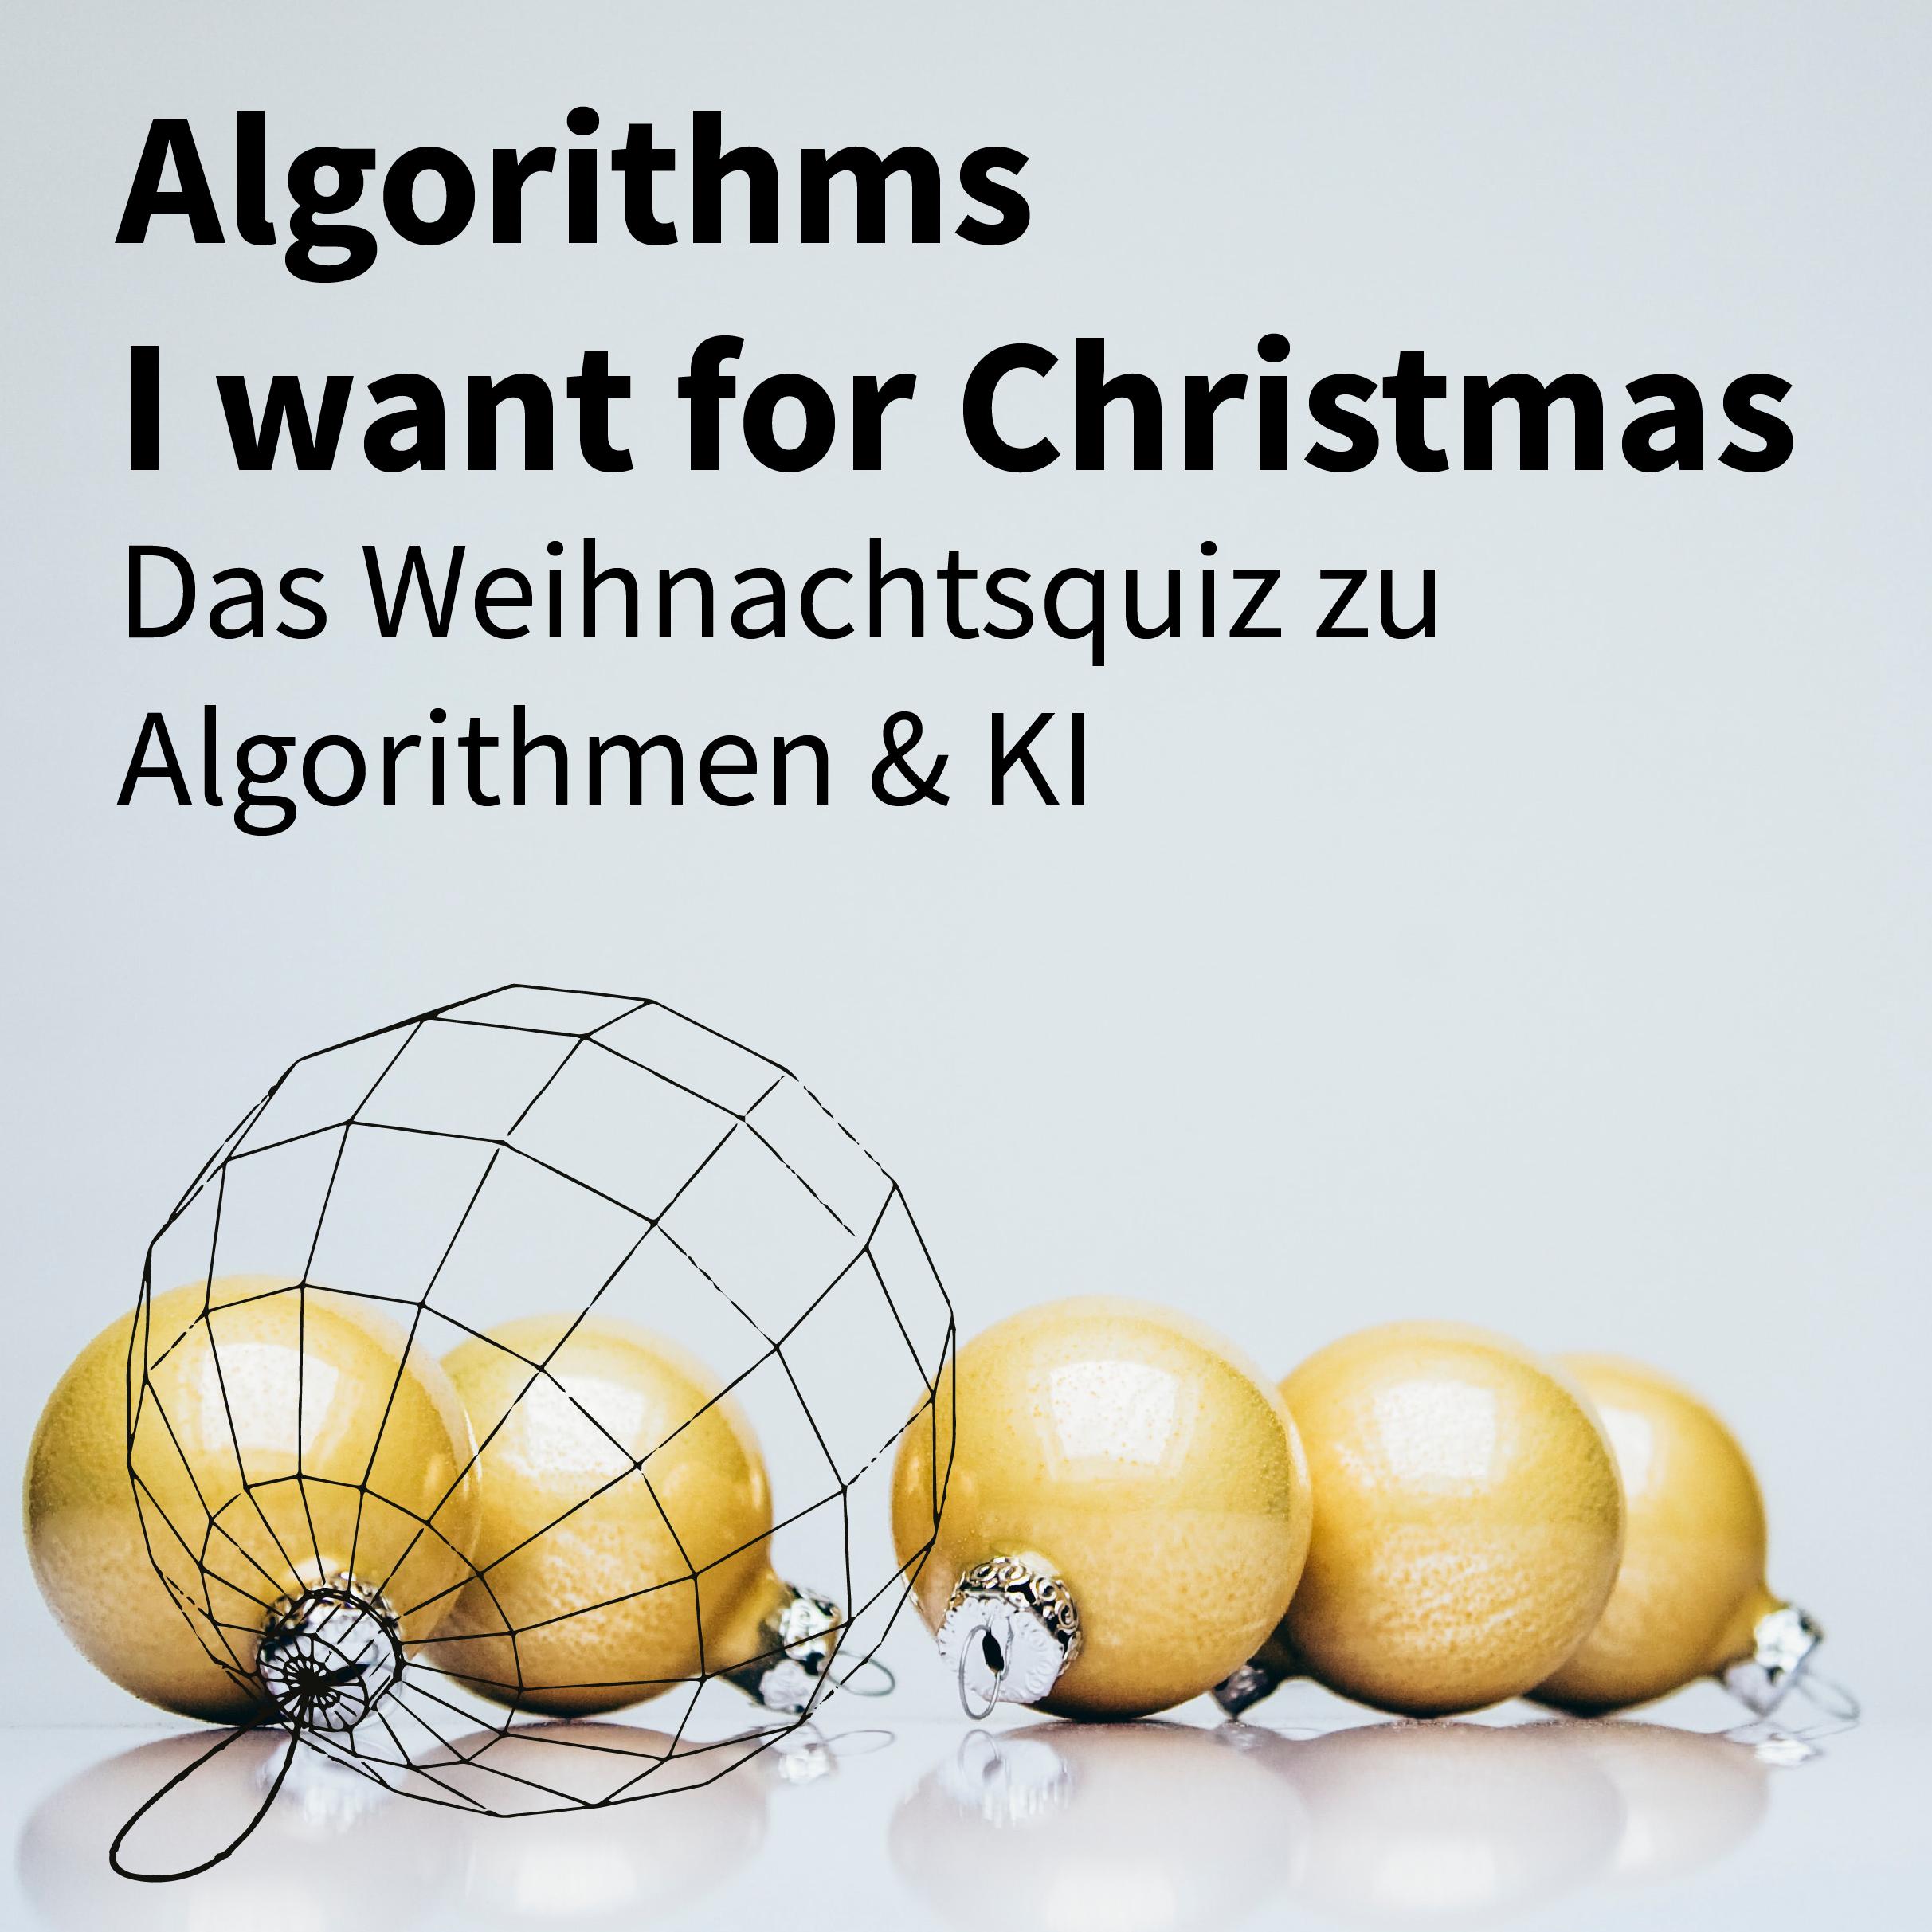 5 Goldene Christbaumkugeln und eine als Grafik-Netz dazu der Text Algorithms I want for Christmas Das Weihnachtsquiz zu Algorithmen & KI